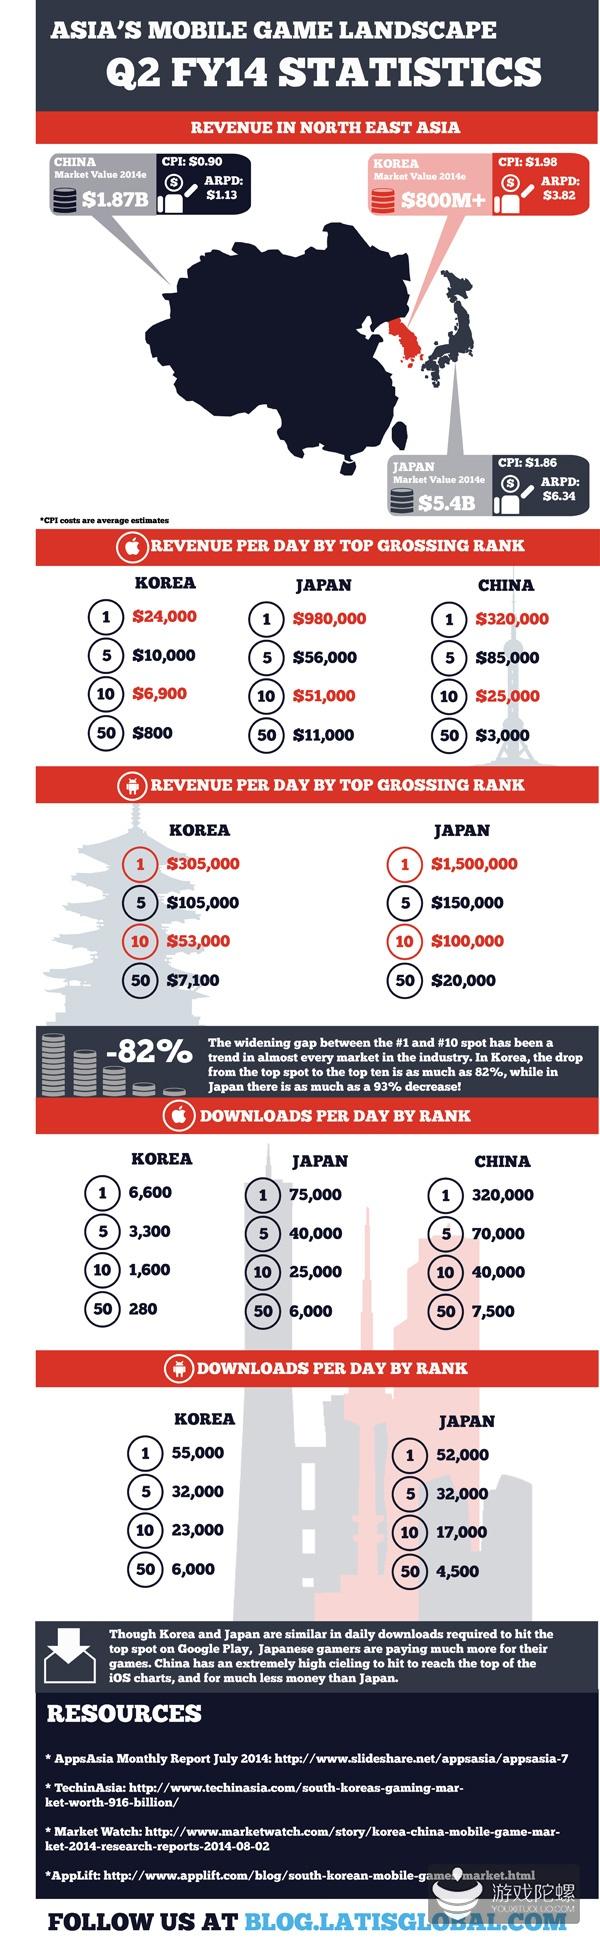 图解手游市场:中国赢下载日本赢收入